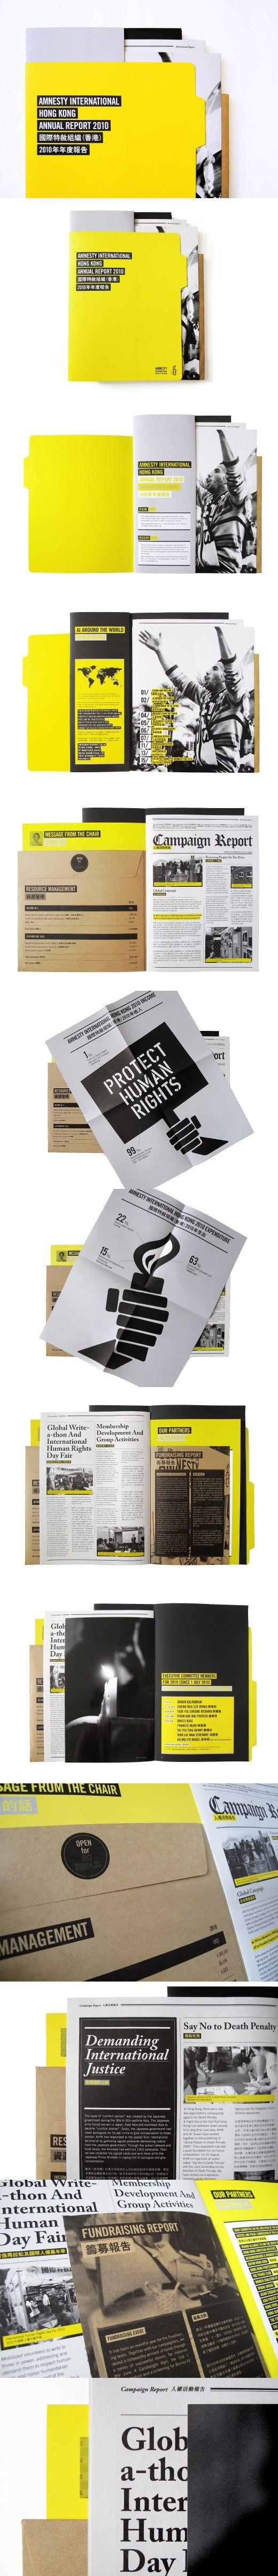 Amnesty International Hong Kong Annual Report 2010    via  http://www.behance.net/gallery/Amnesty-International-Hong-Kong-Annual-Report-2010/1954261